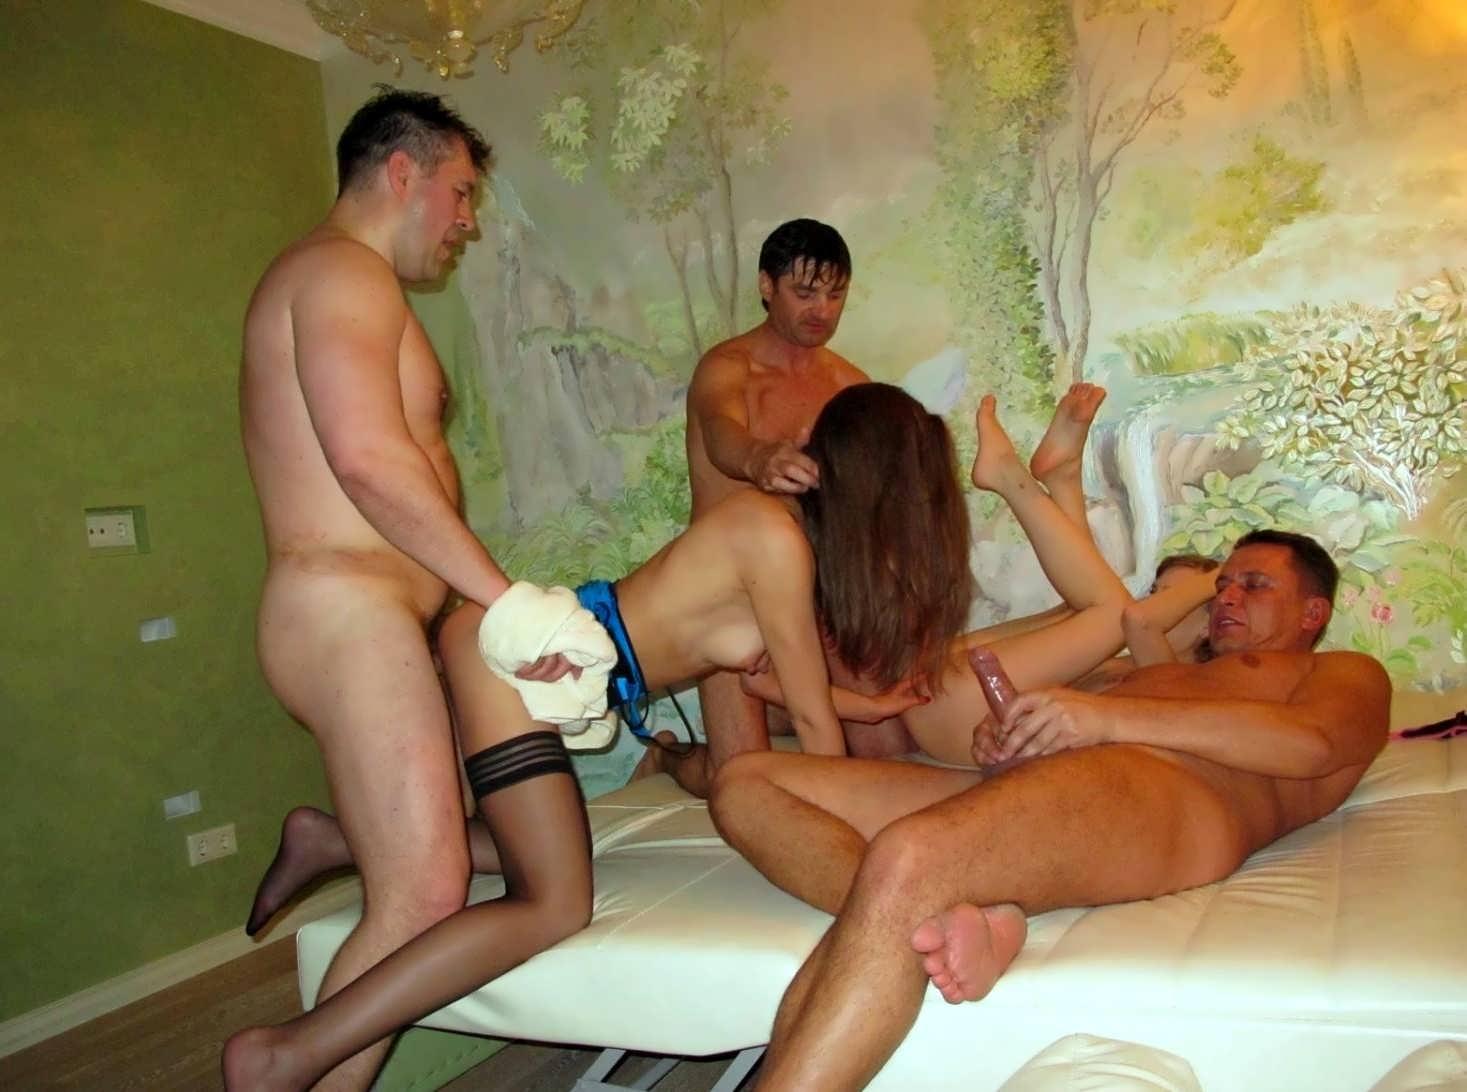 вся с кем быстро познакомиться для секса в москве австралии